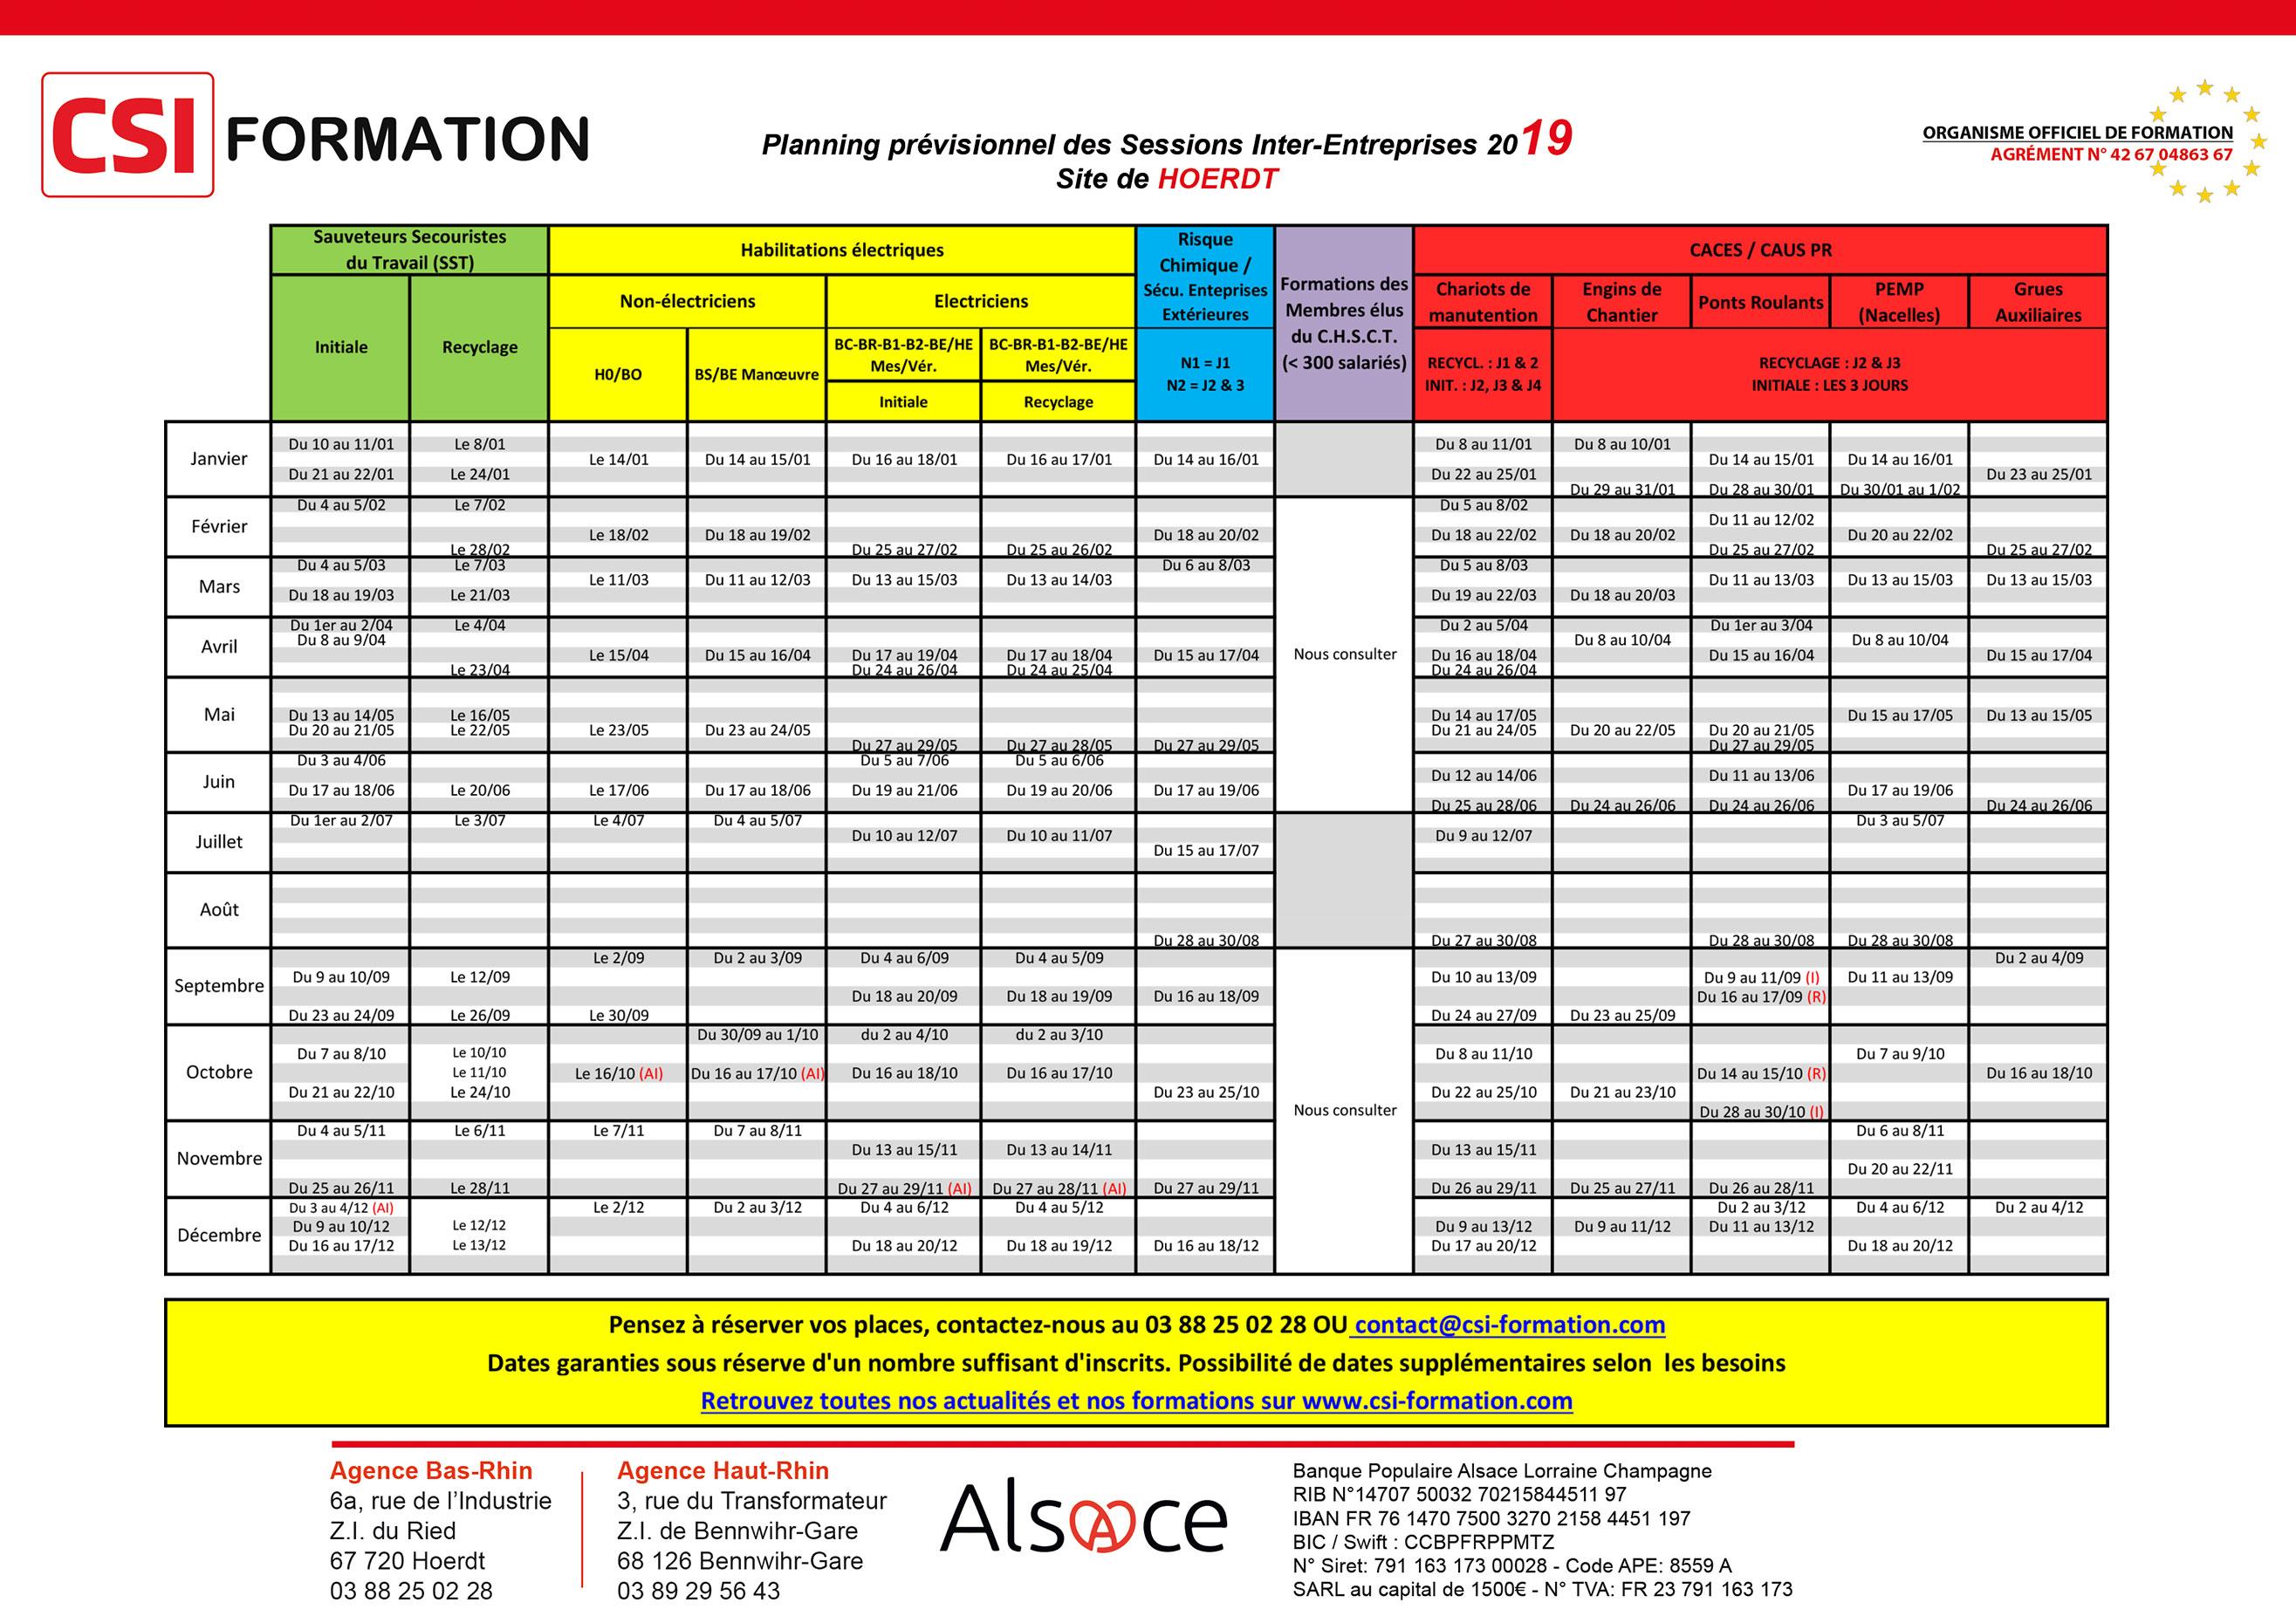 Planning prévisionnel des Sessions Inter-Entreprises 2019